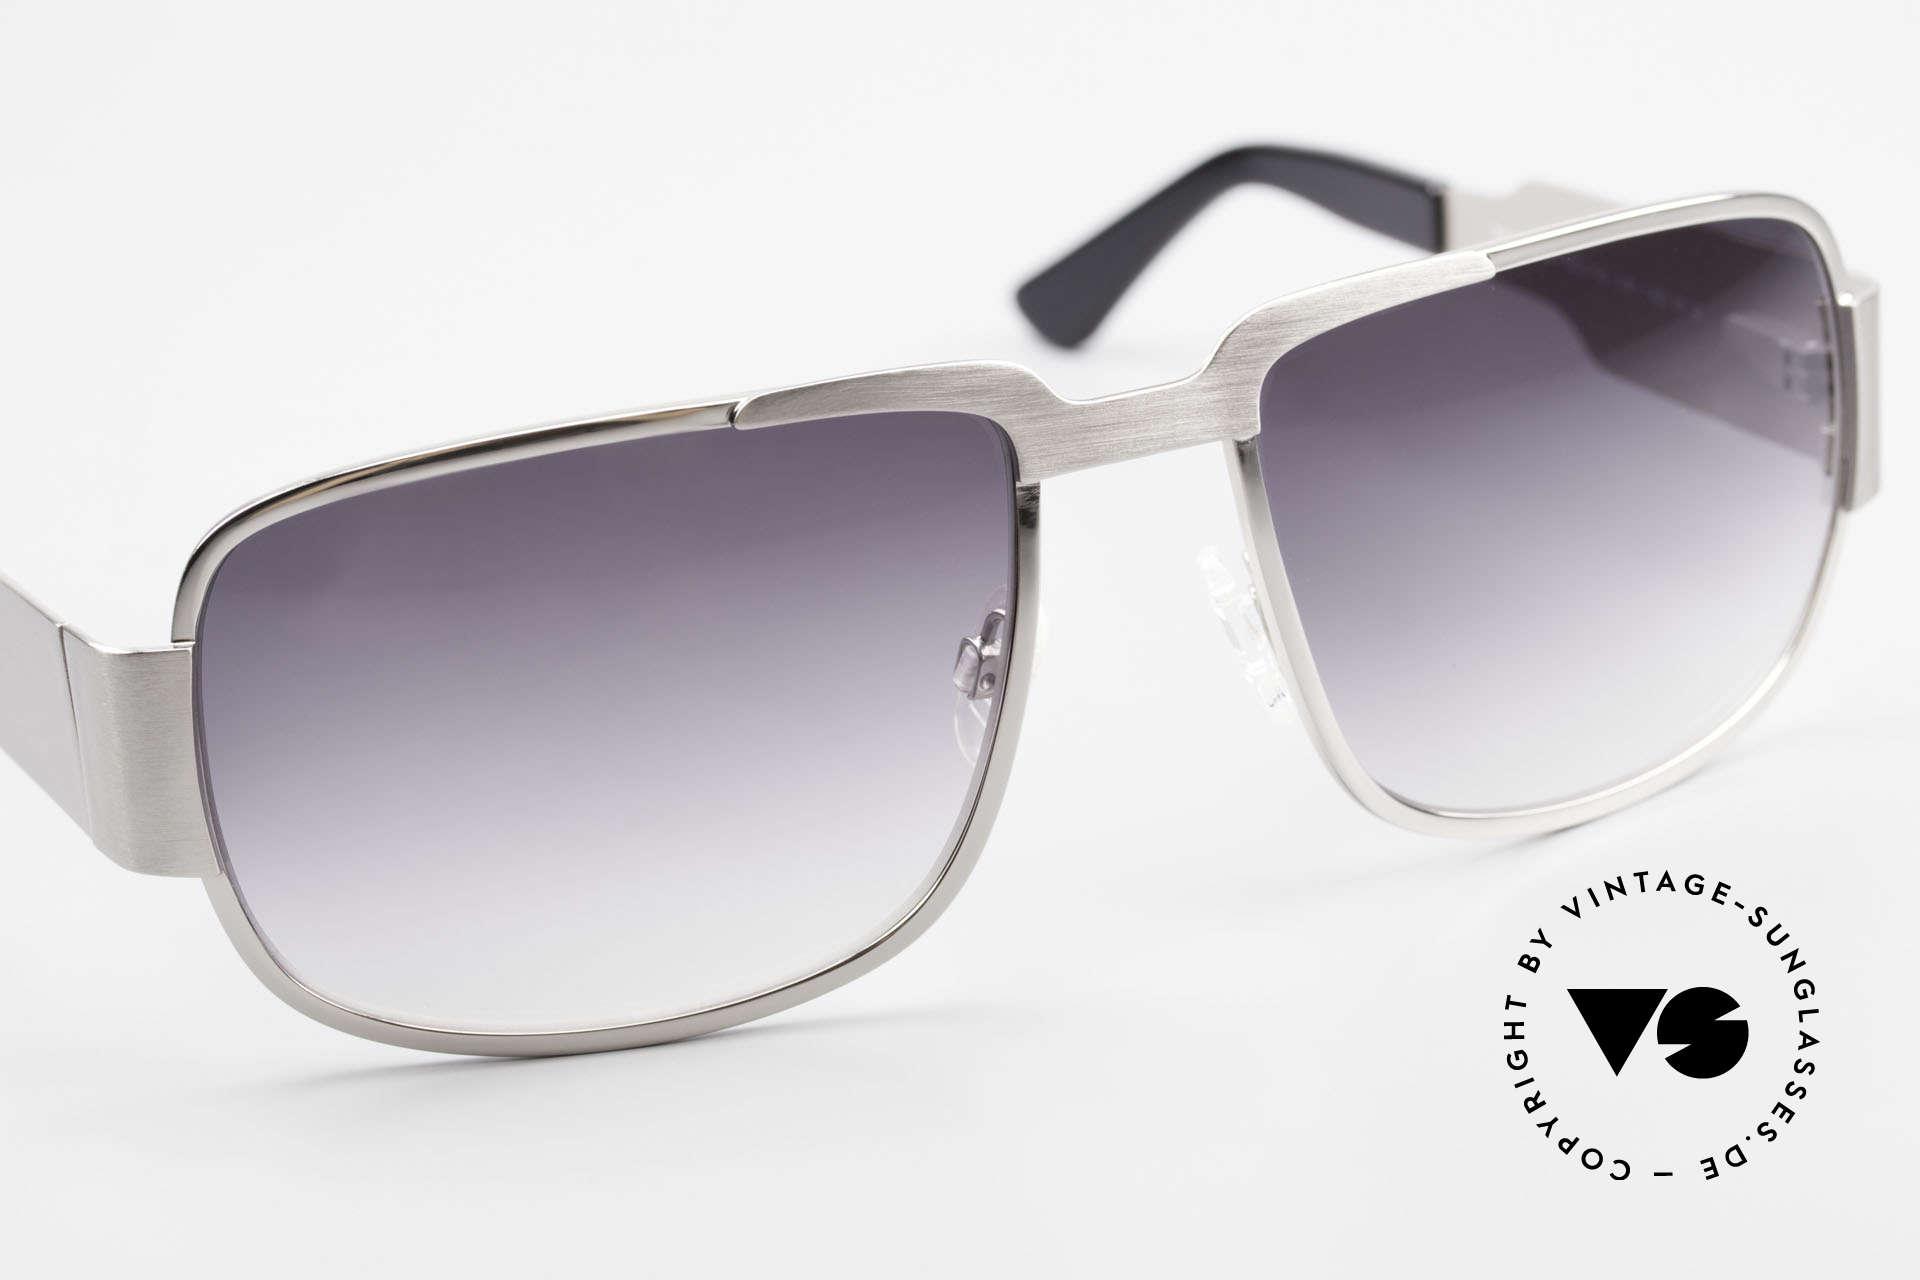 Neostyle Nautic 2 Elvis Presley Sonnenbrille, ungetragen (wie alle unsere vintage ELVIS Sonnenbrillen), Passend für Herren